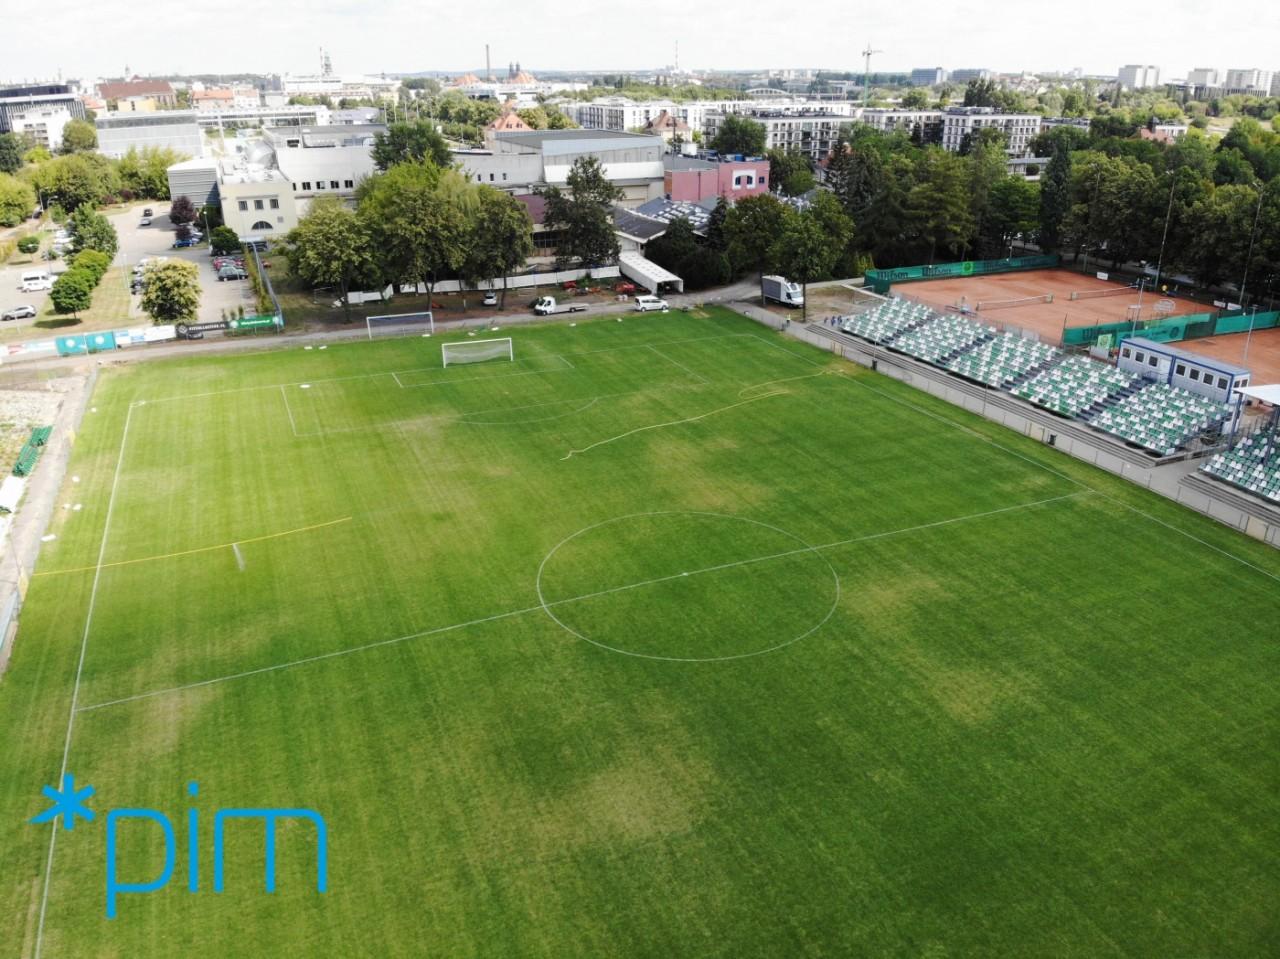 Na Stadionie Warty Poznań Powstanie Sztuczne Oświetlenie